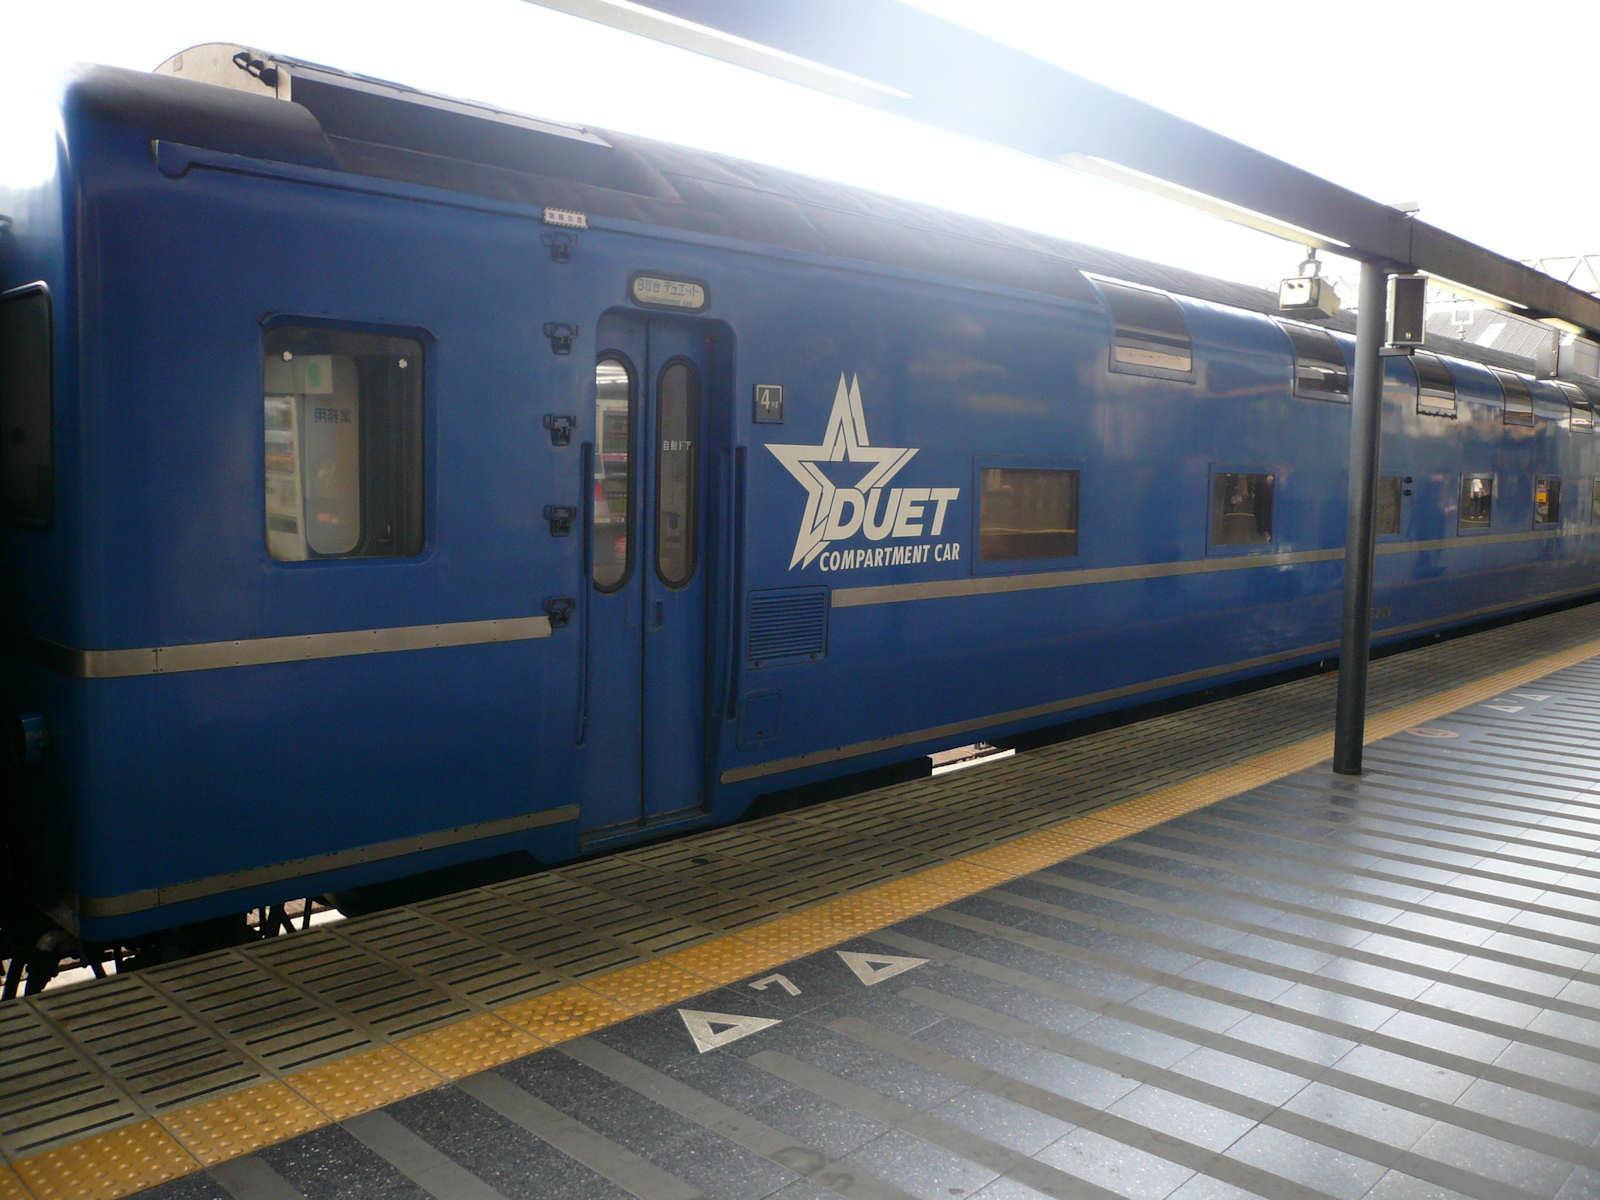 寝台特急なは号のB寝台個室デュエット車両オハネフ25−2000番台(JPG-178k)